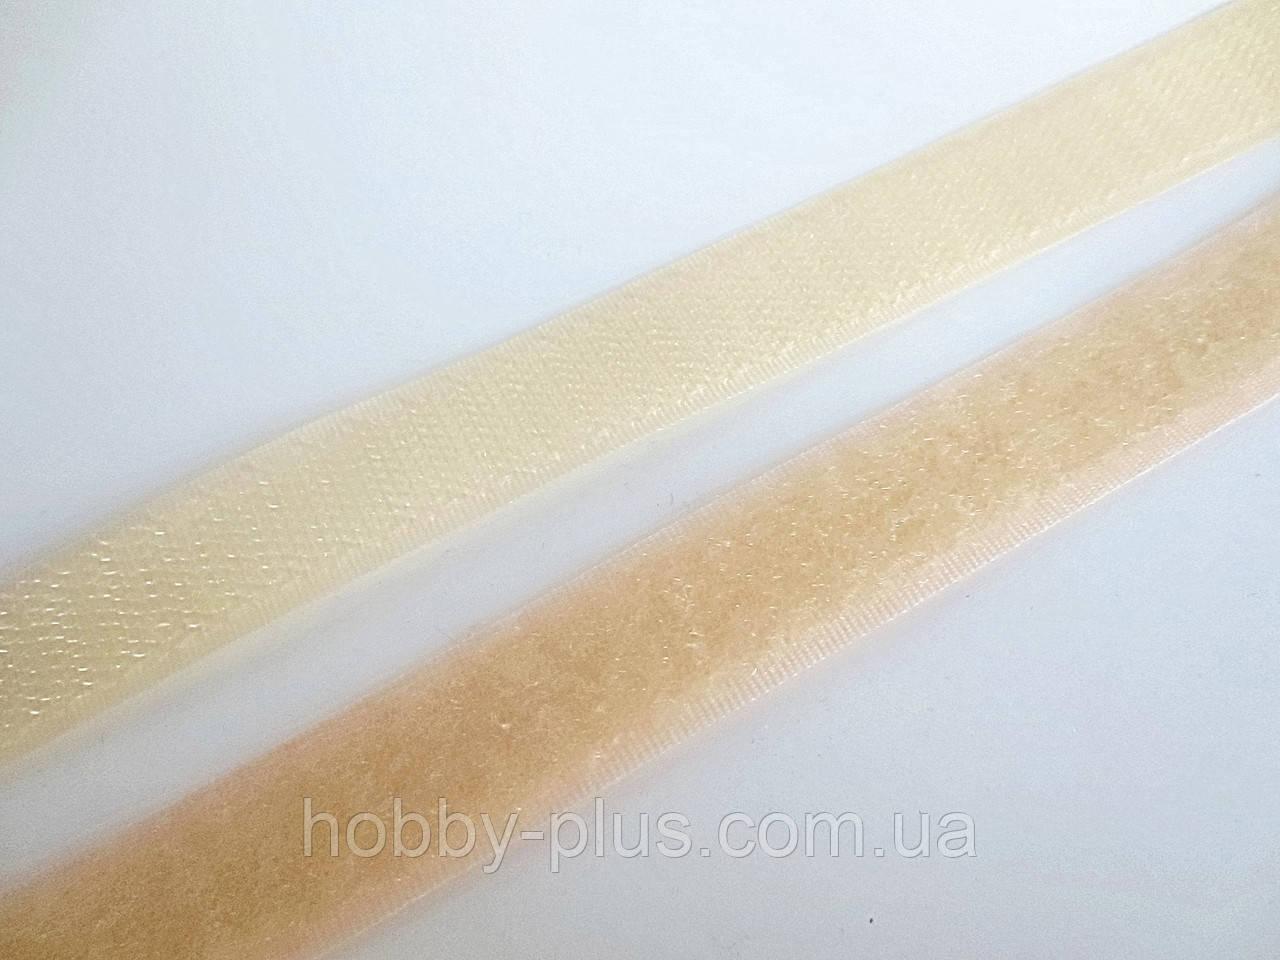 Лента-липучка, 20 мм, цвет кремовый, 20 см